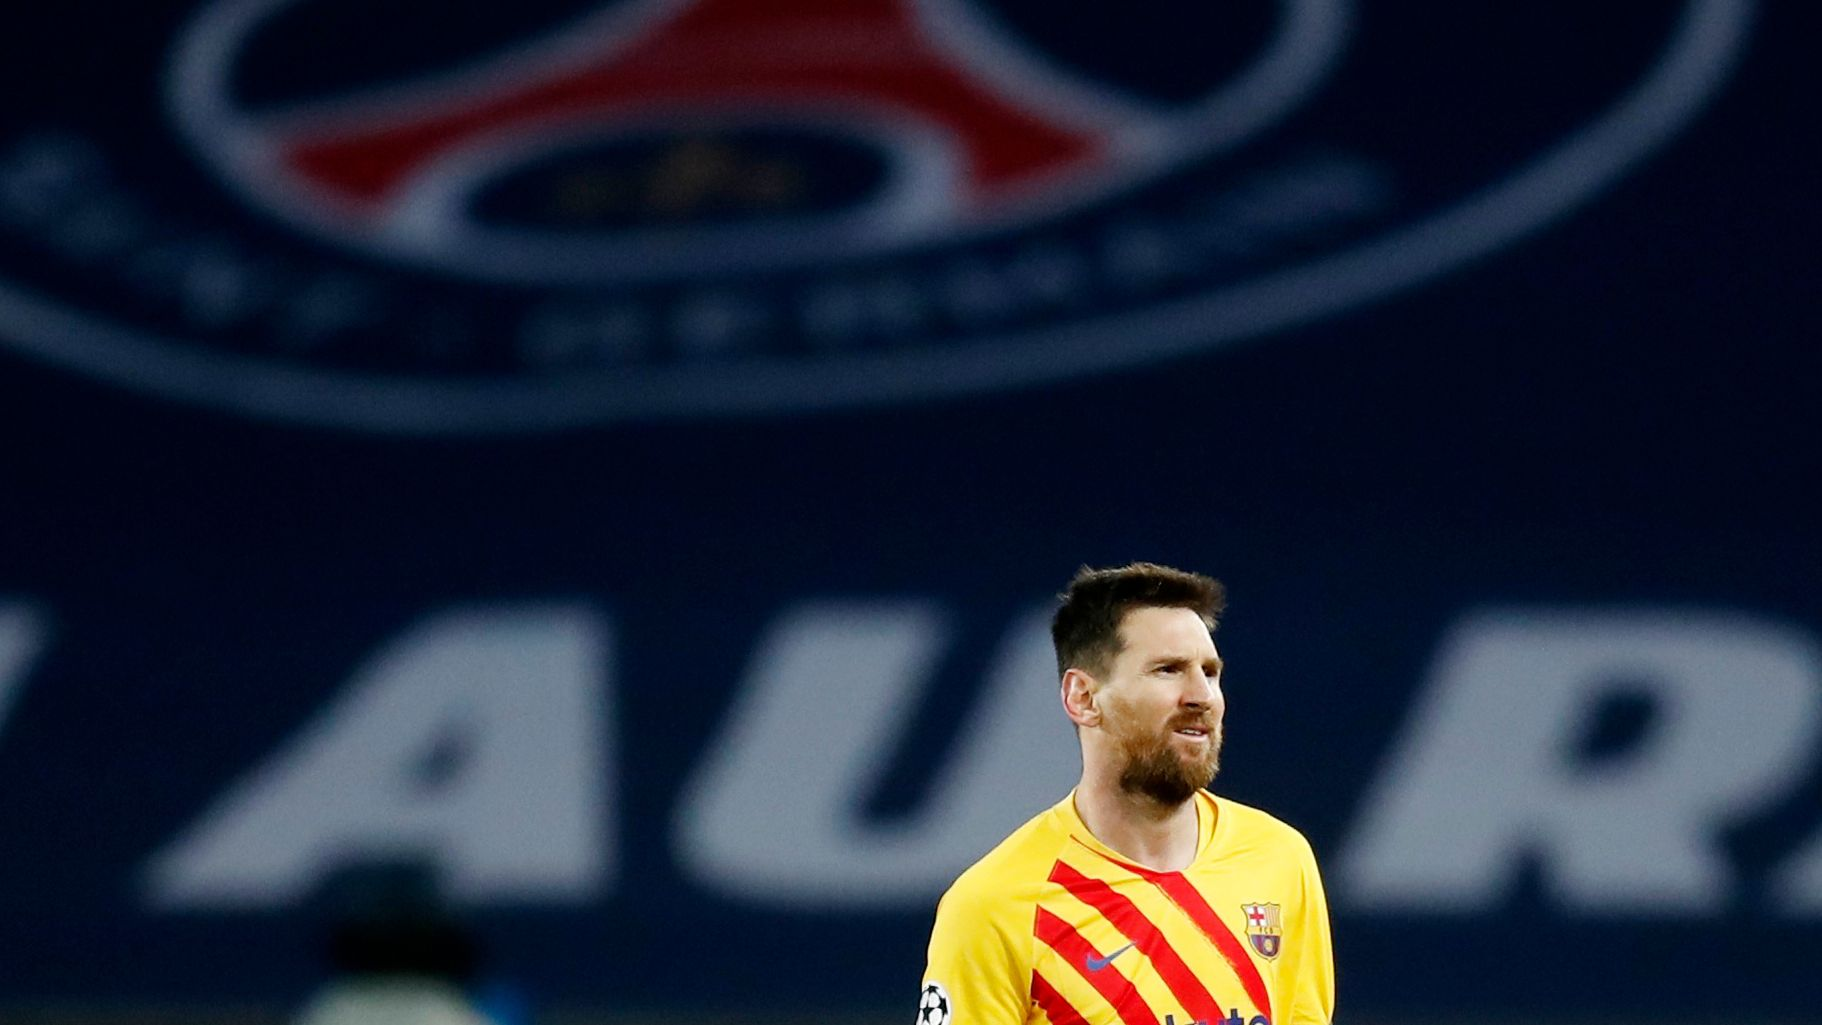 Messi ahora elegirá entre dos opciones potables: el PSG o el Manchester City (REUTERS/Gonzalo Fuentes)